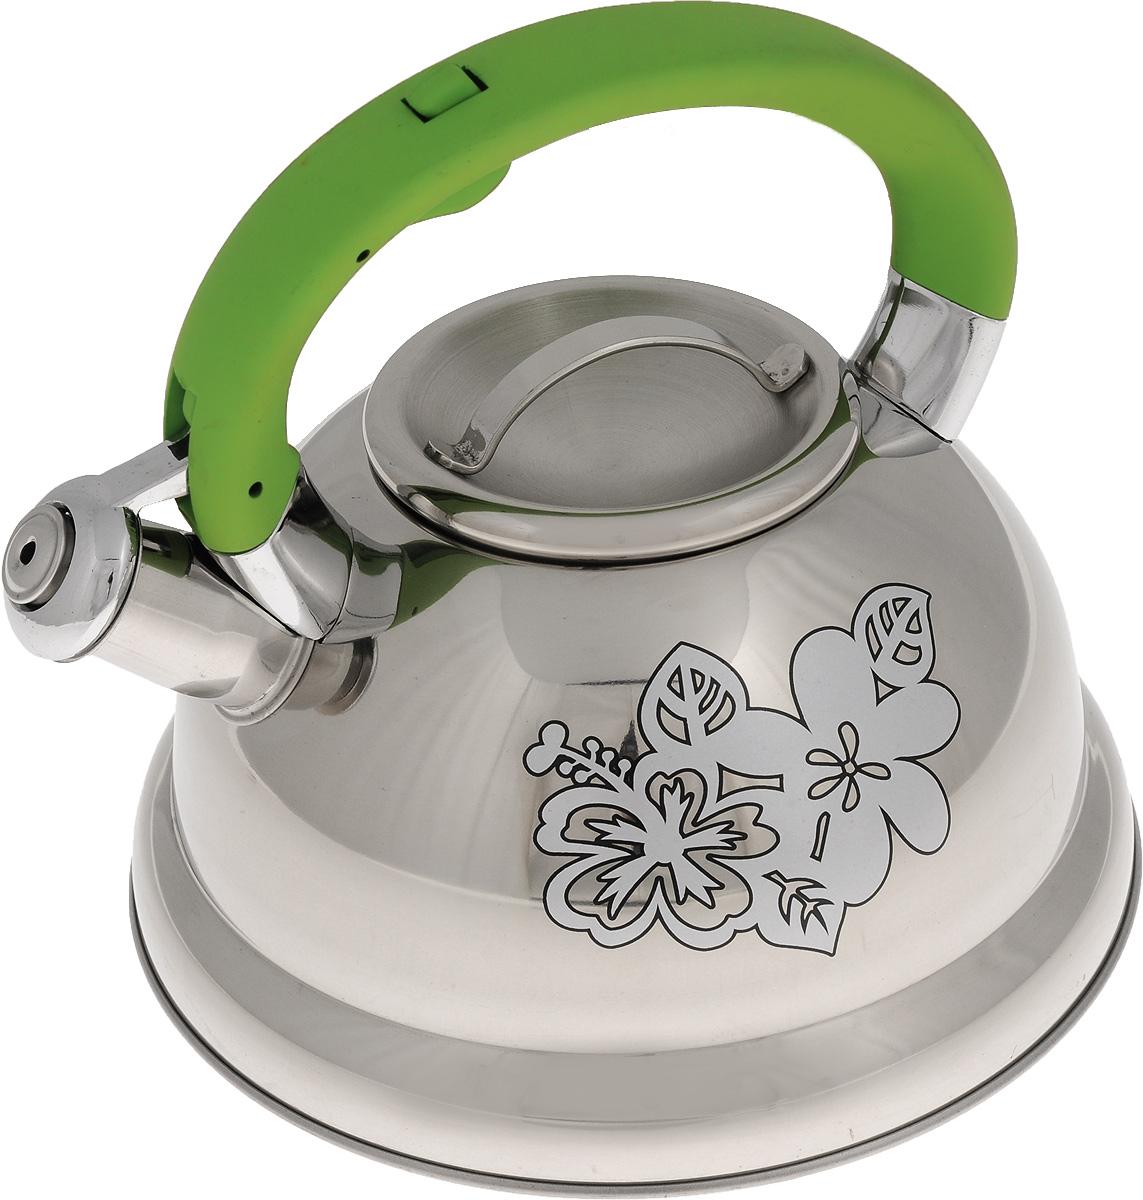 Чайник Mayer & Boch, со свистком, цвет: стальной, зеленый, 2,6 л. 2278822788Чайник Mayer & Boch выполнен из высококачественной нержавеющей стали, что обеспечивает долговечность использования. Изделие оформлено изящным рисунком, который одновременно является индикатором цвета - при нагревании рисунок на корпусе меняет цвет. Ручка из бакелита делает использование чайника очень удобным и безопасным. Чайник снабжен свистком и кнопкой для открывания носика. Эстетичный и функциональный чайник с эксклюзивным дизайном будет оригинально смотреться в любом интерьере. Пригоден для использования на газовых, электрических, стеклокерамических и индукционных плитах. Можно мыть в посудомоечной машине. Диаметр чайника по верхнему краю: 10 см. Высота чайника (с учетом ручки): 20 см. Высота чайника (без учета ручки): 11,3 см.